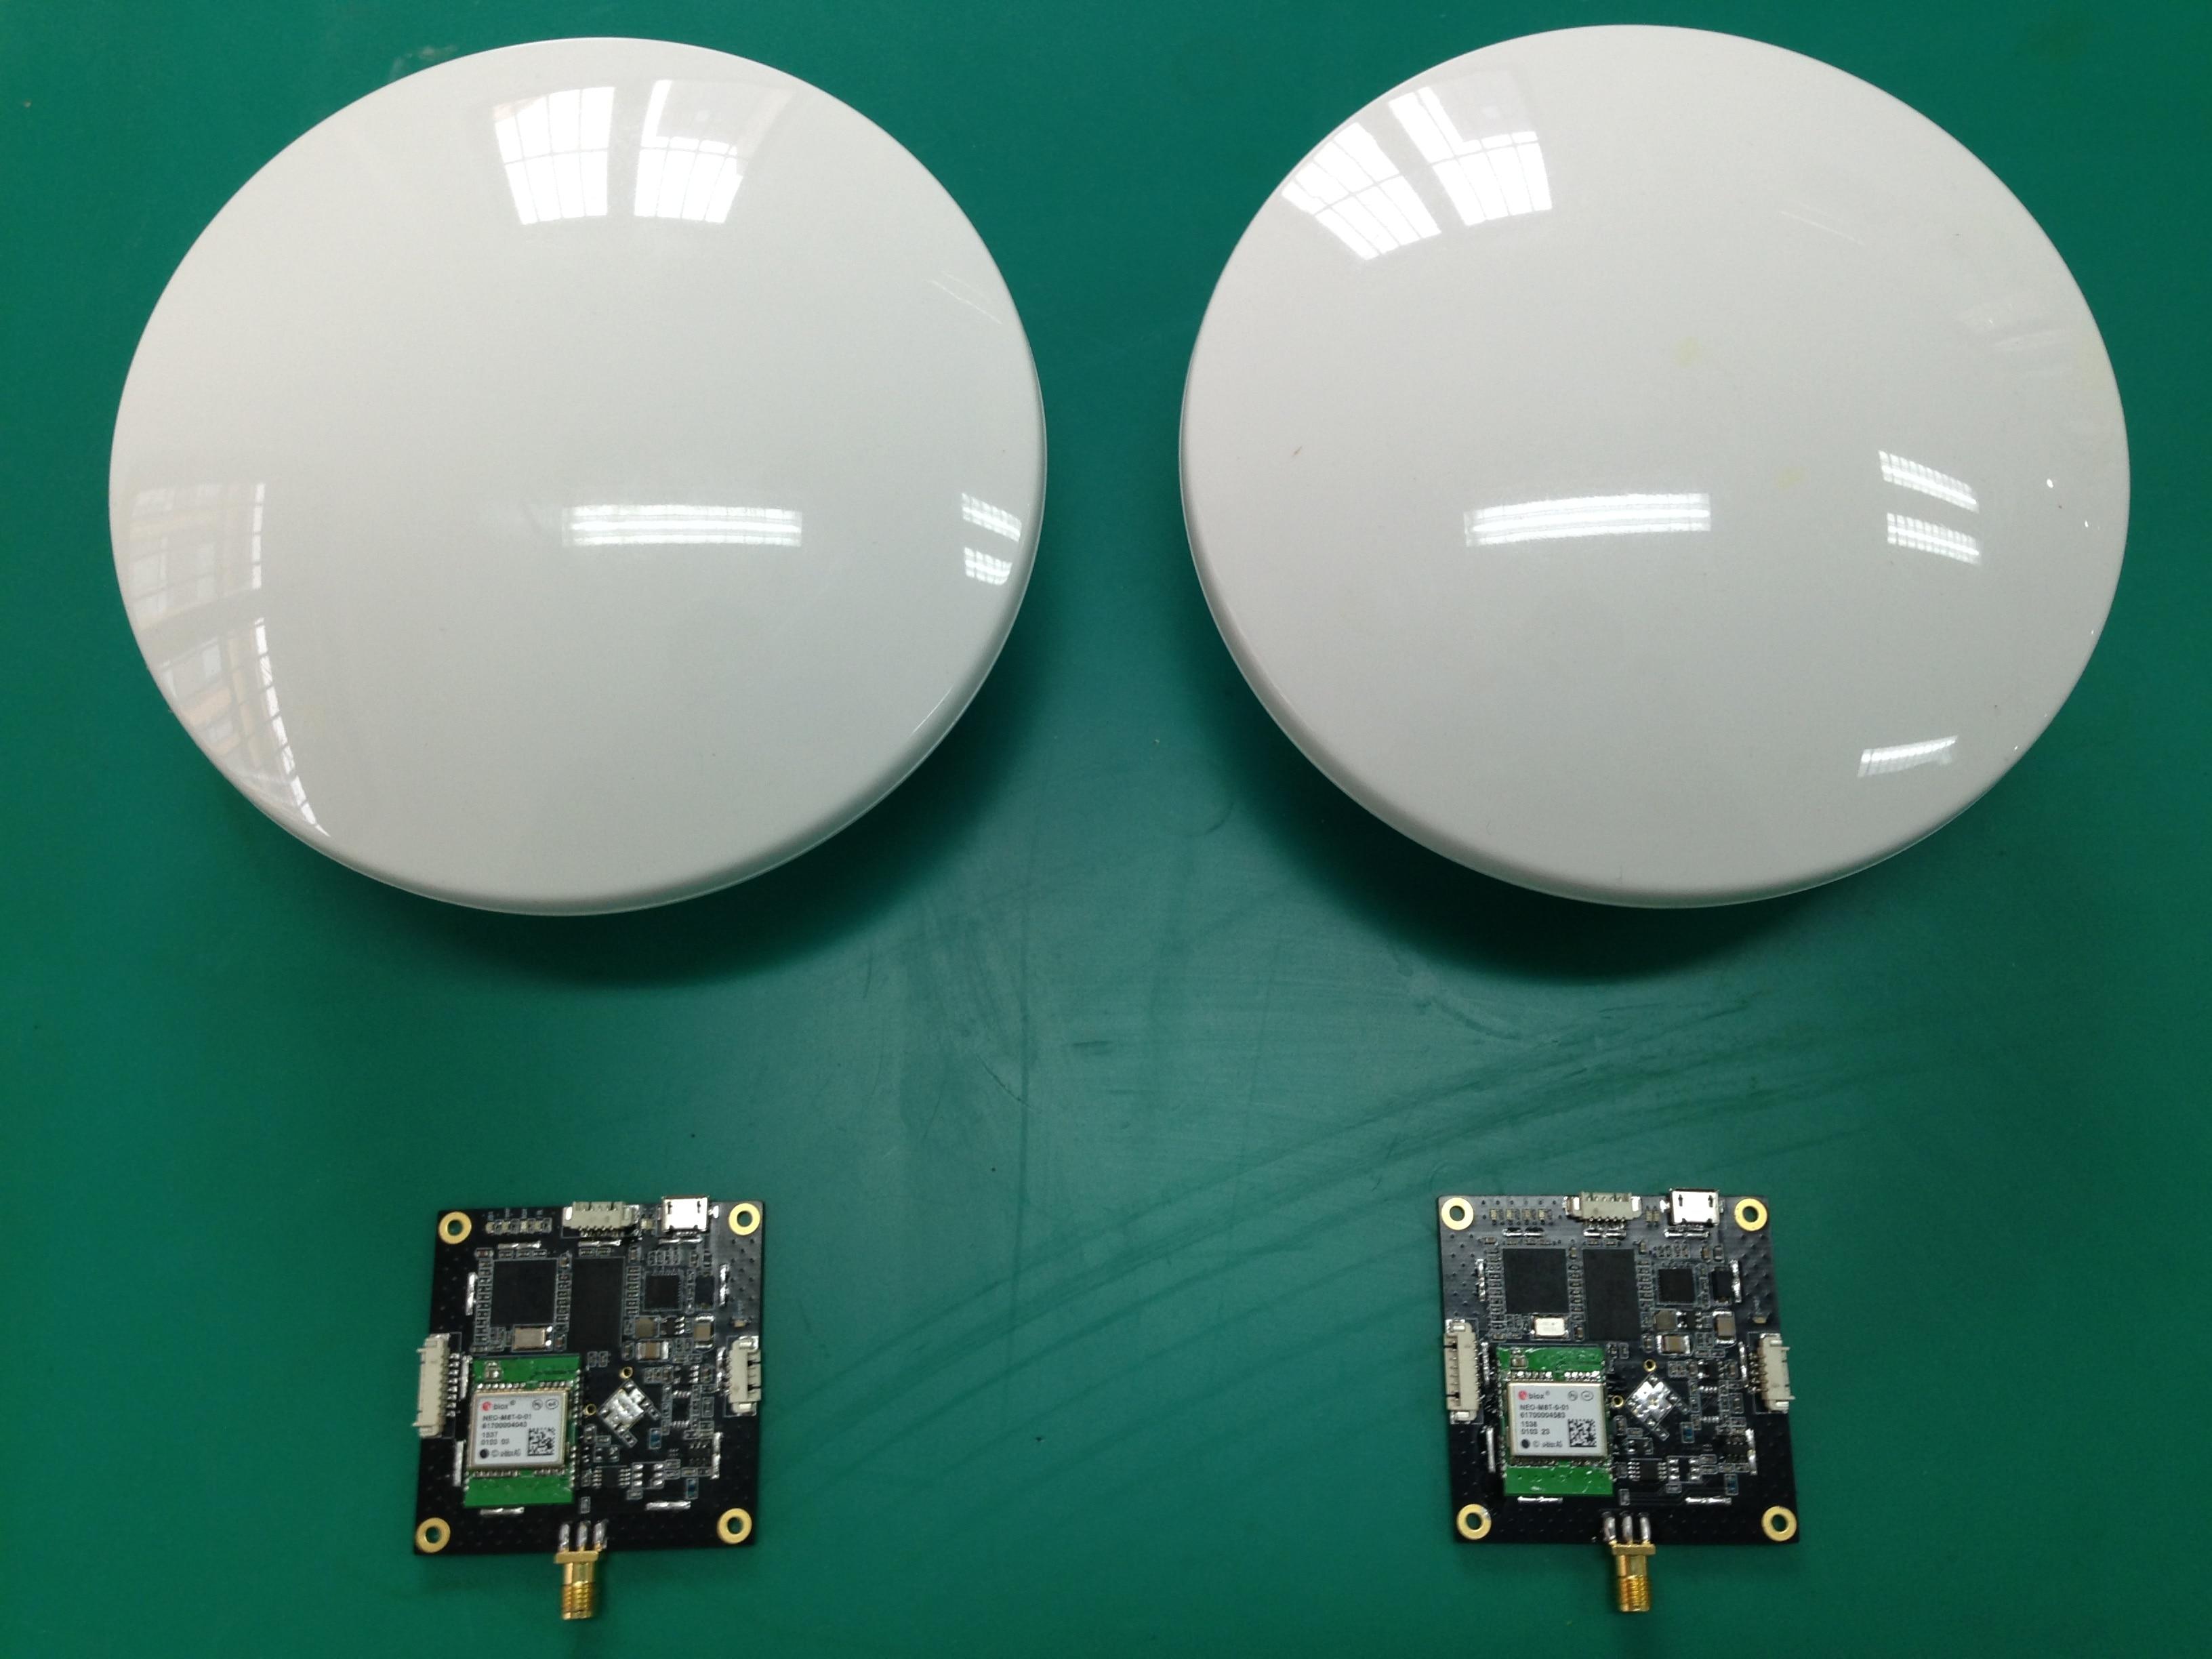 Pour UFLY, Beidou, GPS, GNSS, aéronef sans pilote (UAV) dédié, différentiel, carte RTK (avec version antenne).